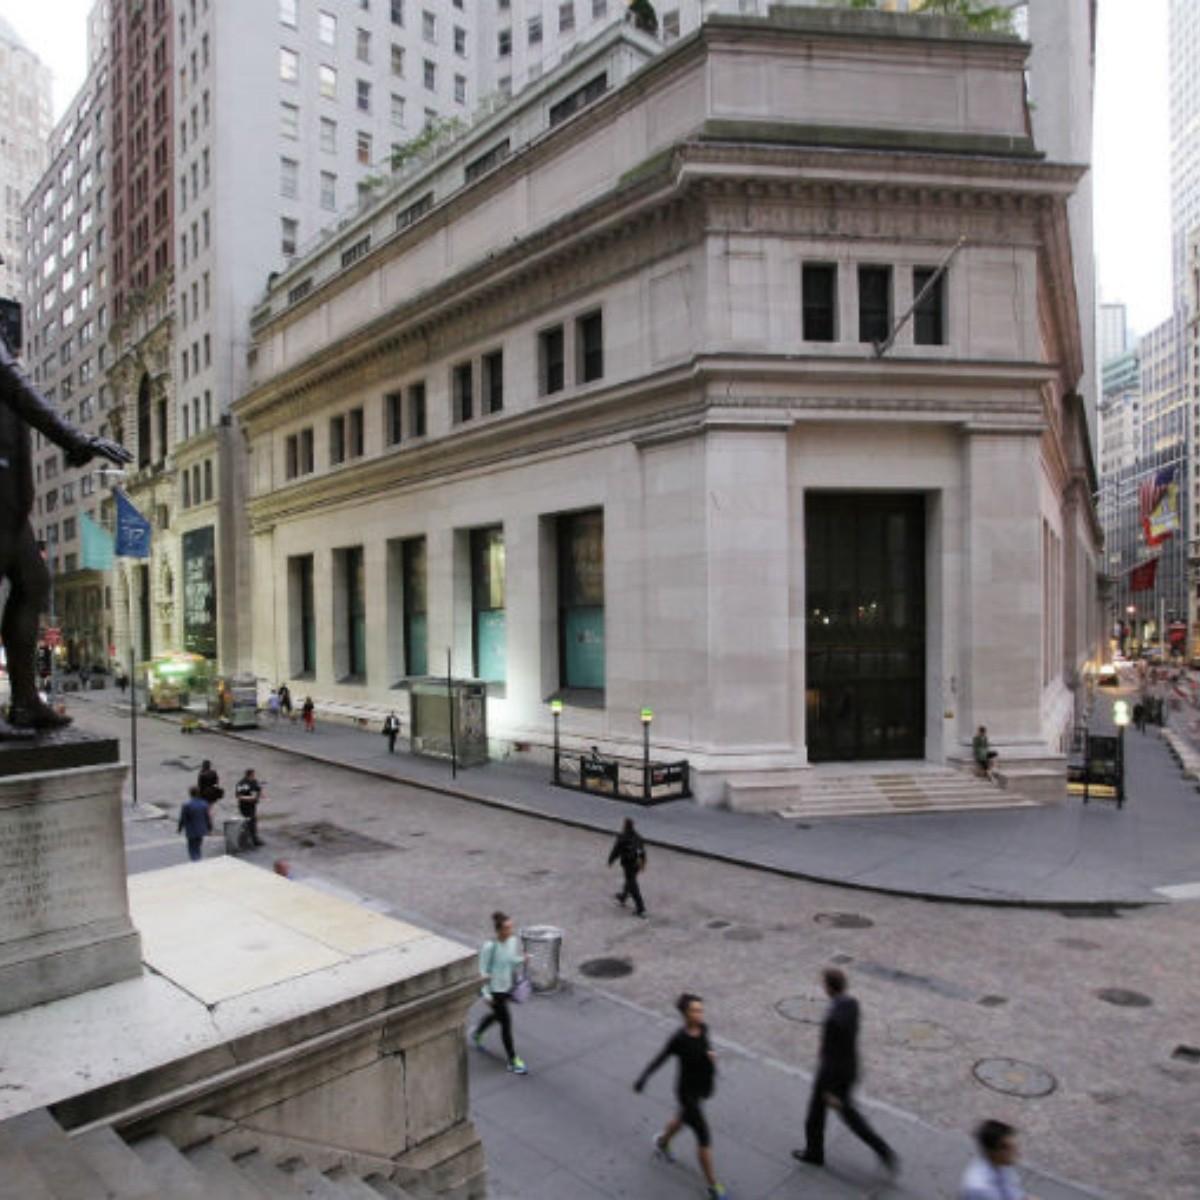 Bolsa de Nueva York, cerrada por Día de la Raza en EU | El ...